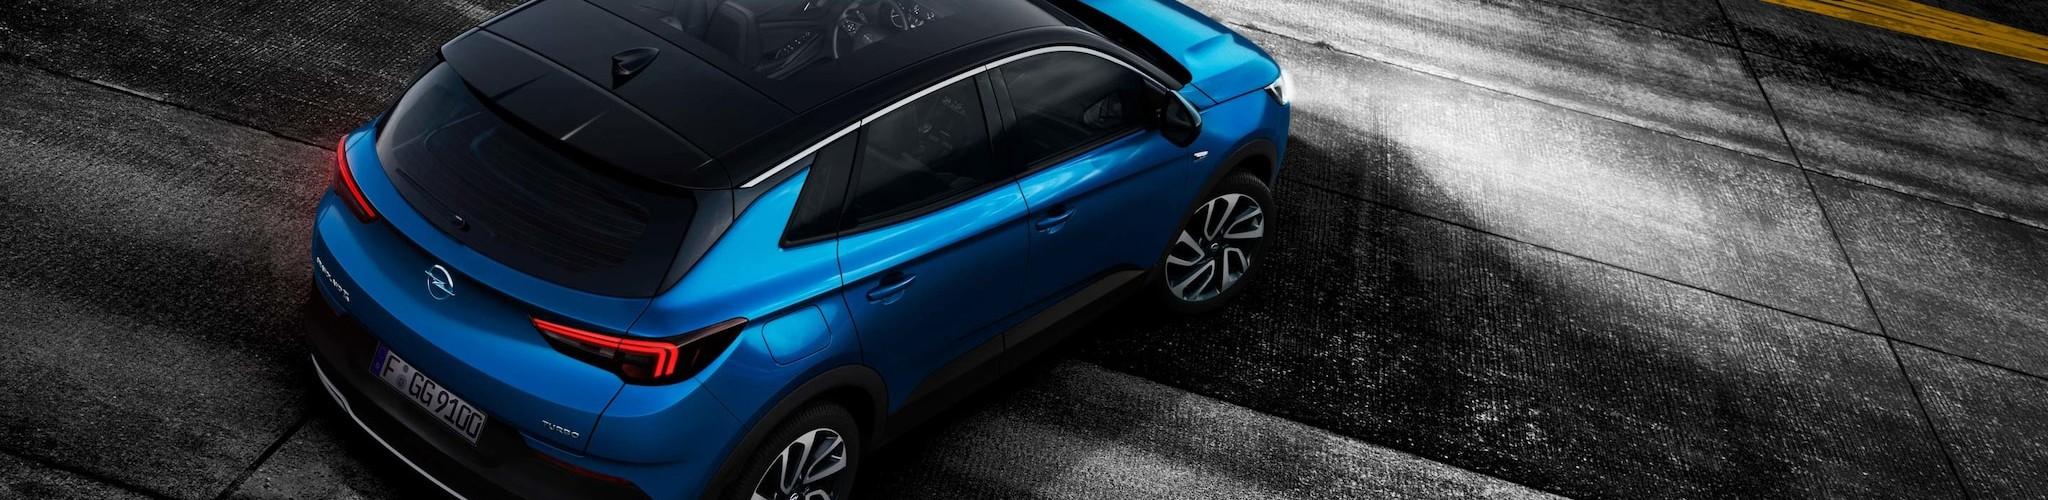 Opel_grandland_x_exterior_21x9_gr18_e01_103